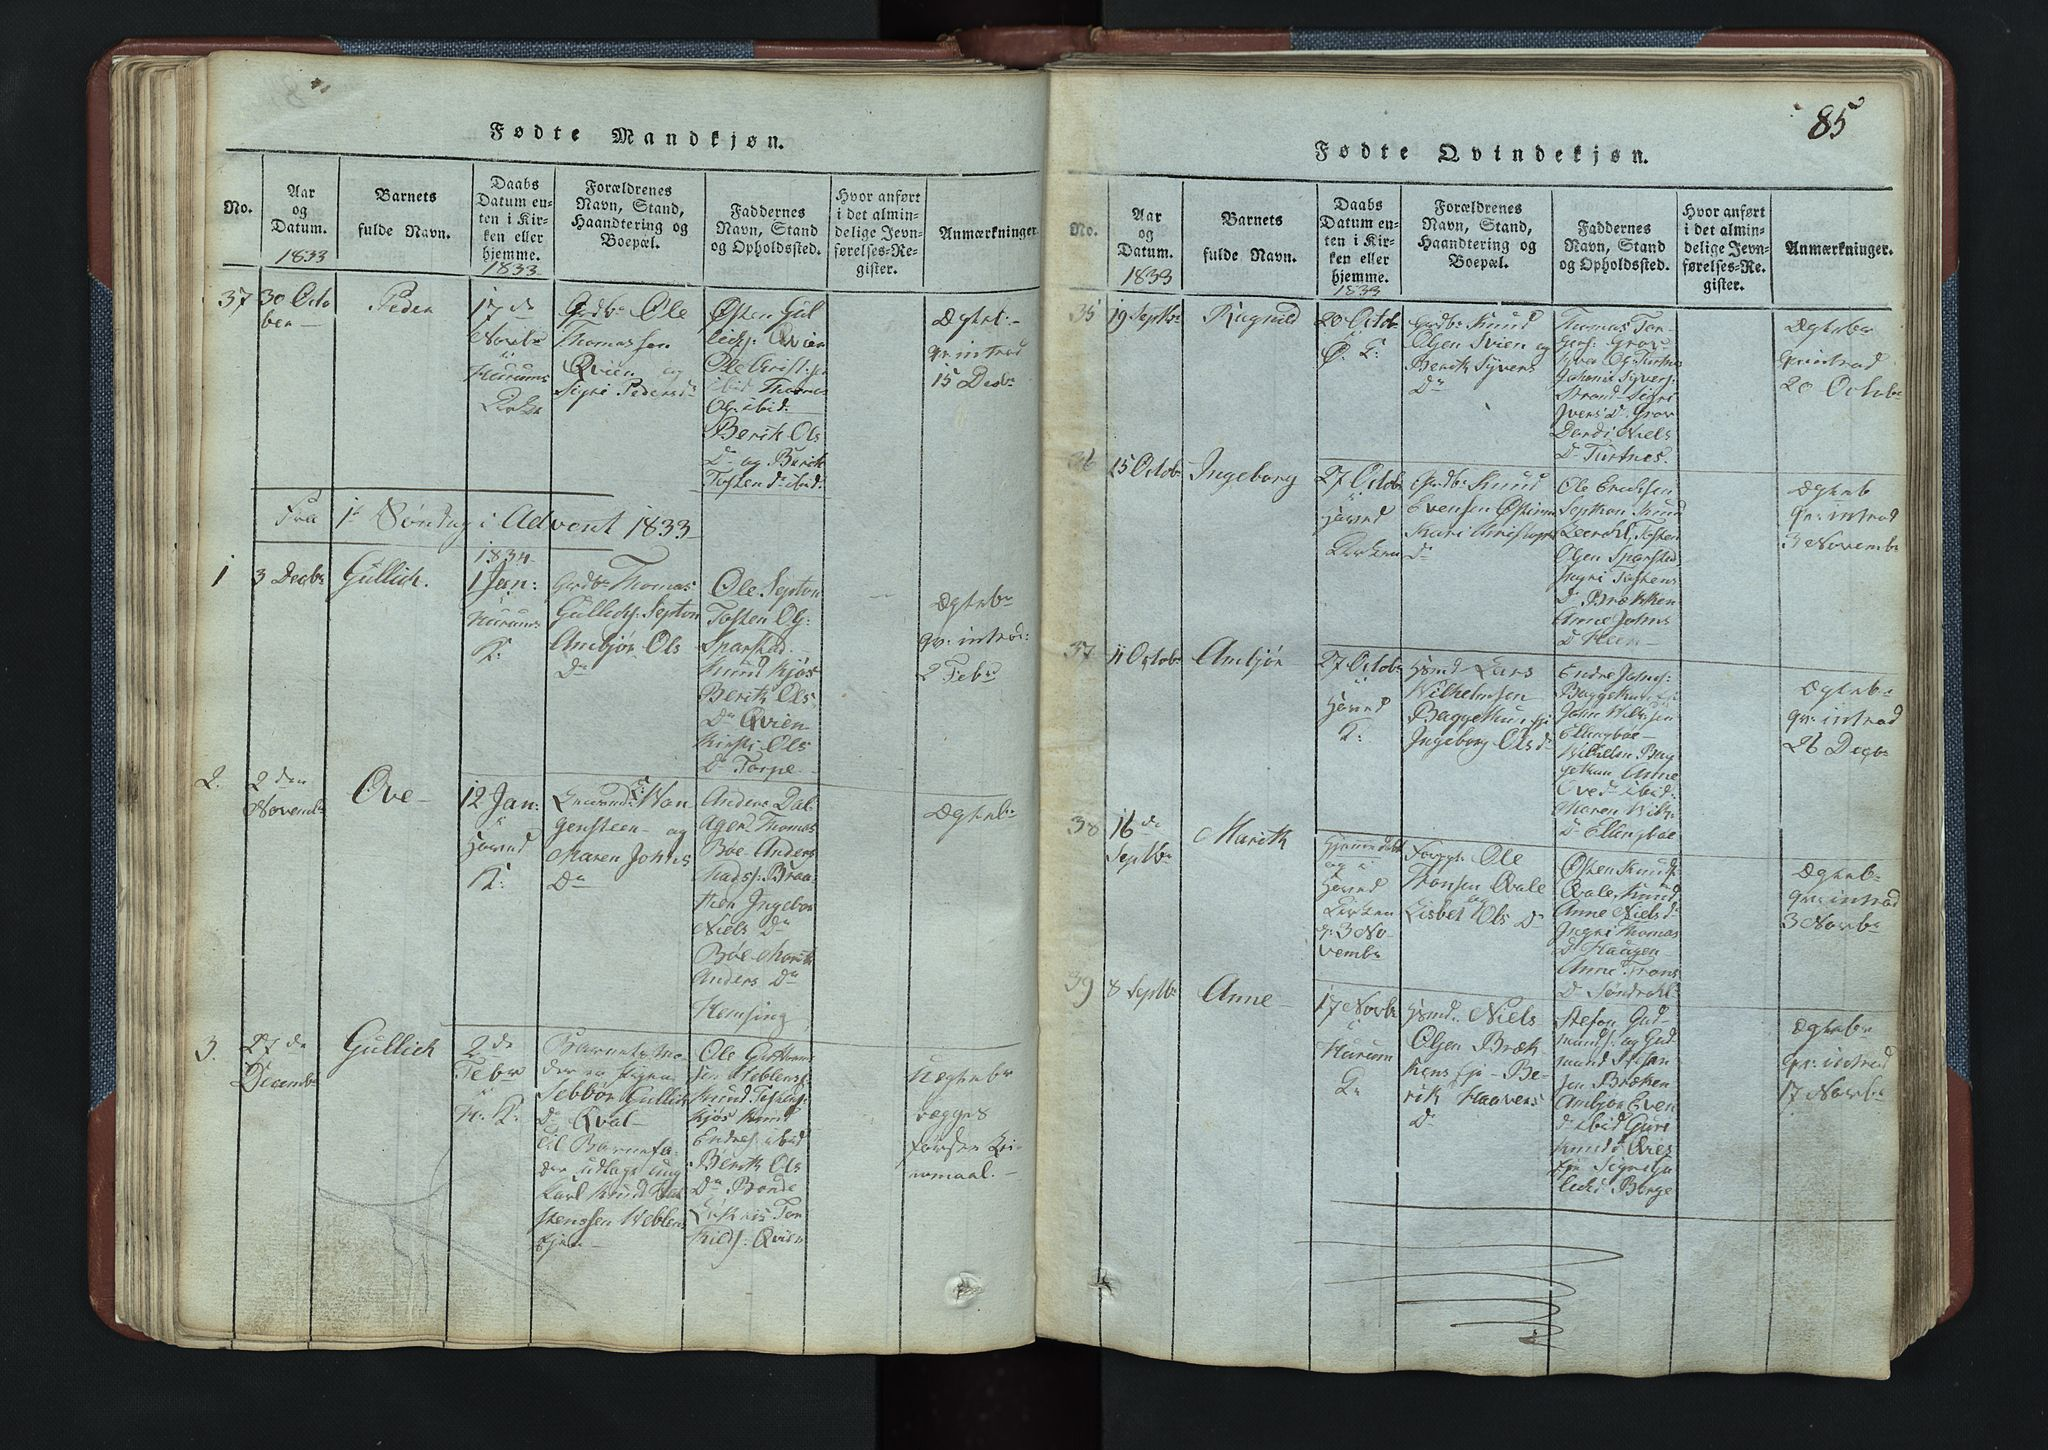 SAH, Vang prestekontor, Valdres, Klokkerbok nr. 3, 1814-1892, s. 85